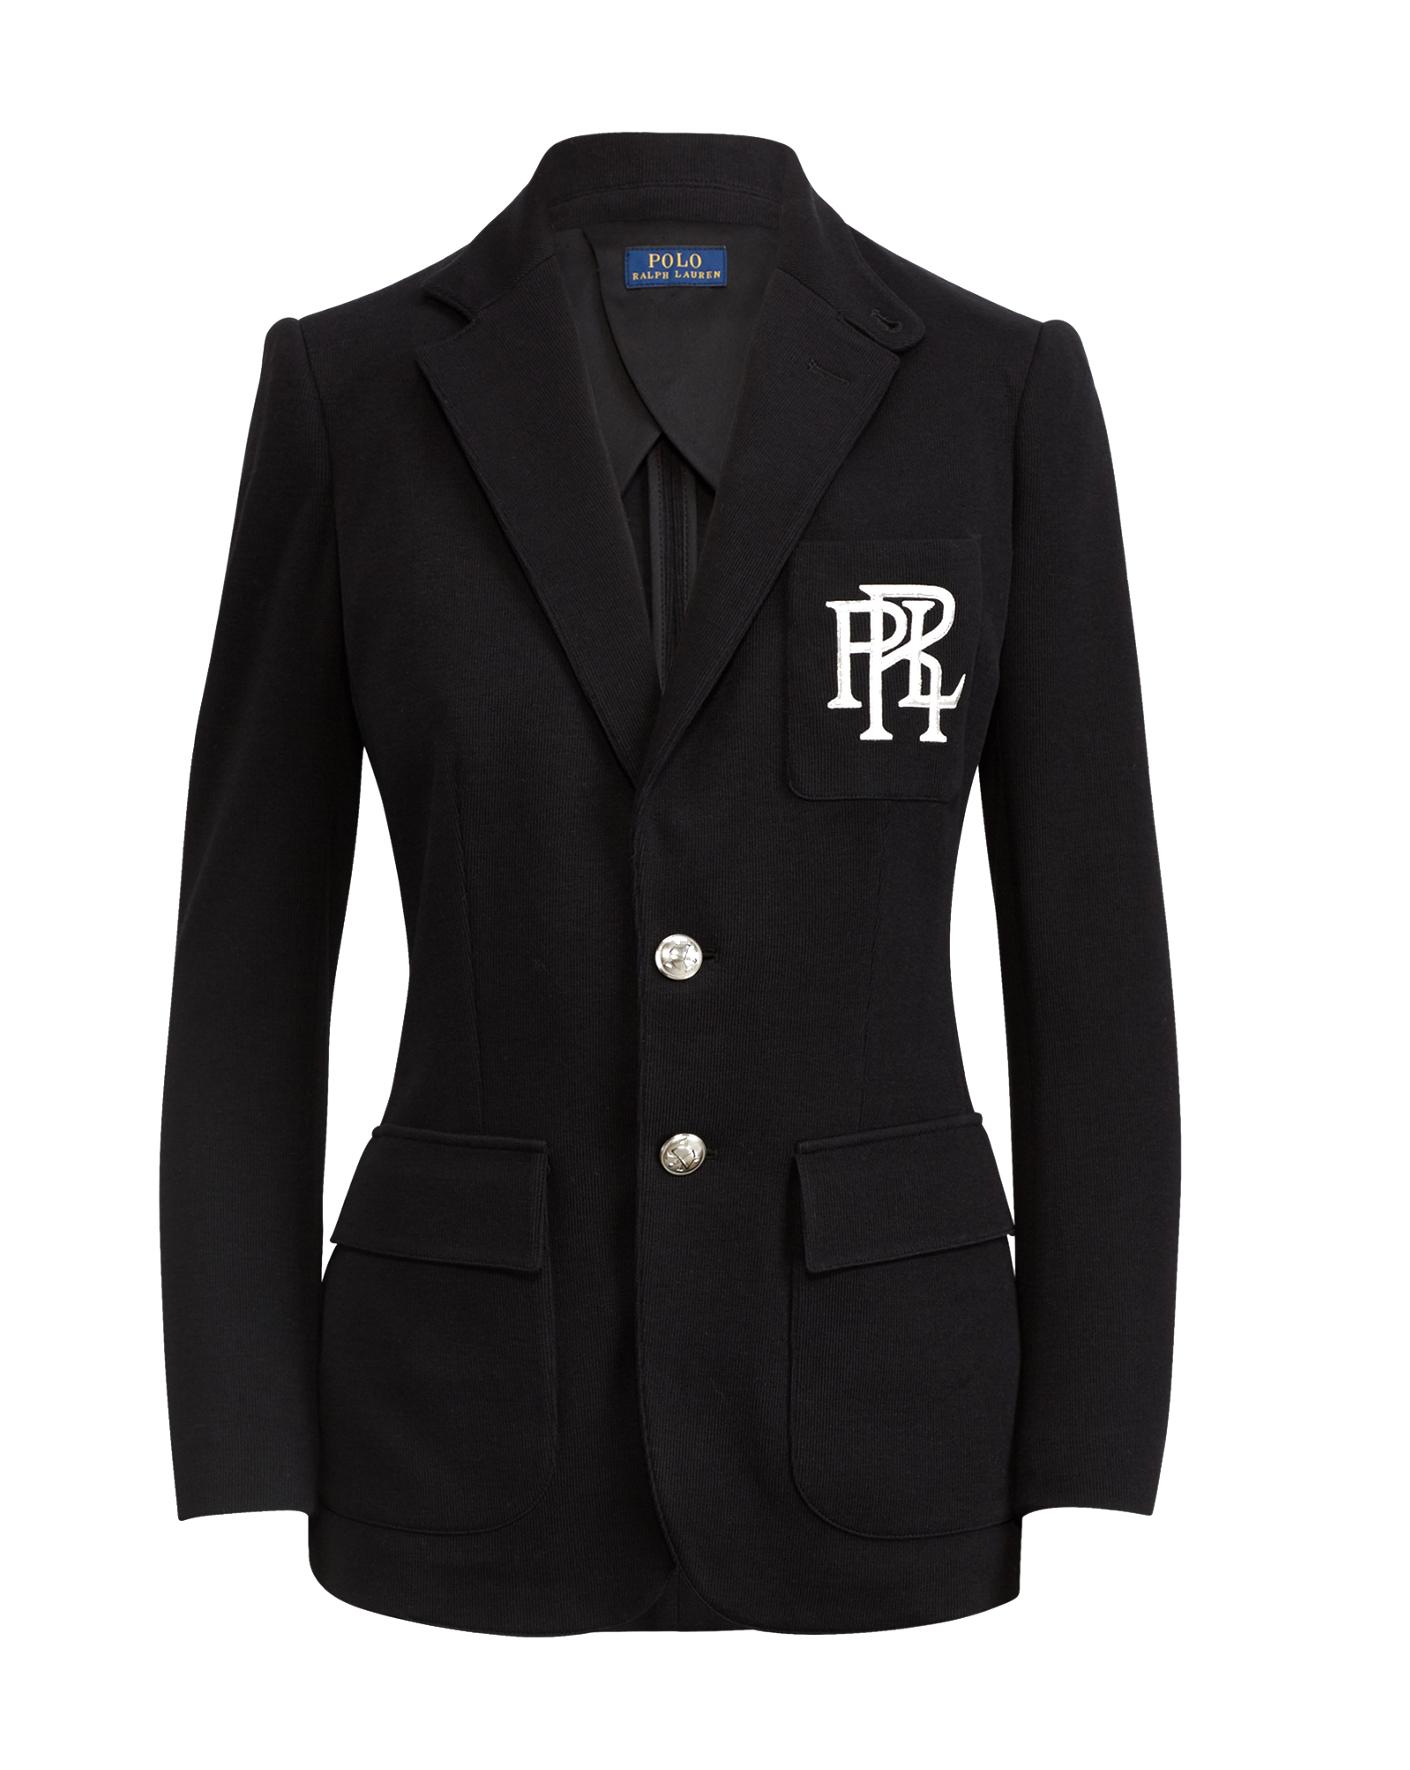 Women's Blazers & Vests - Cotton, Wool, & More   Ralph Lauren